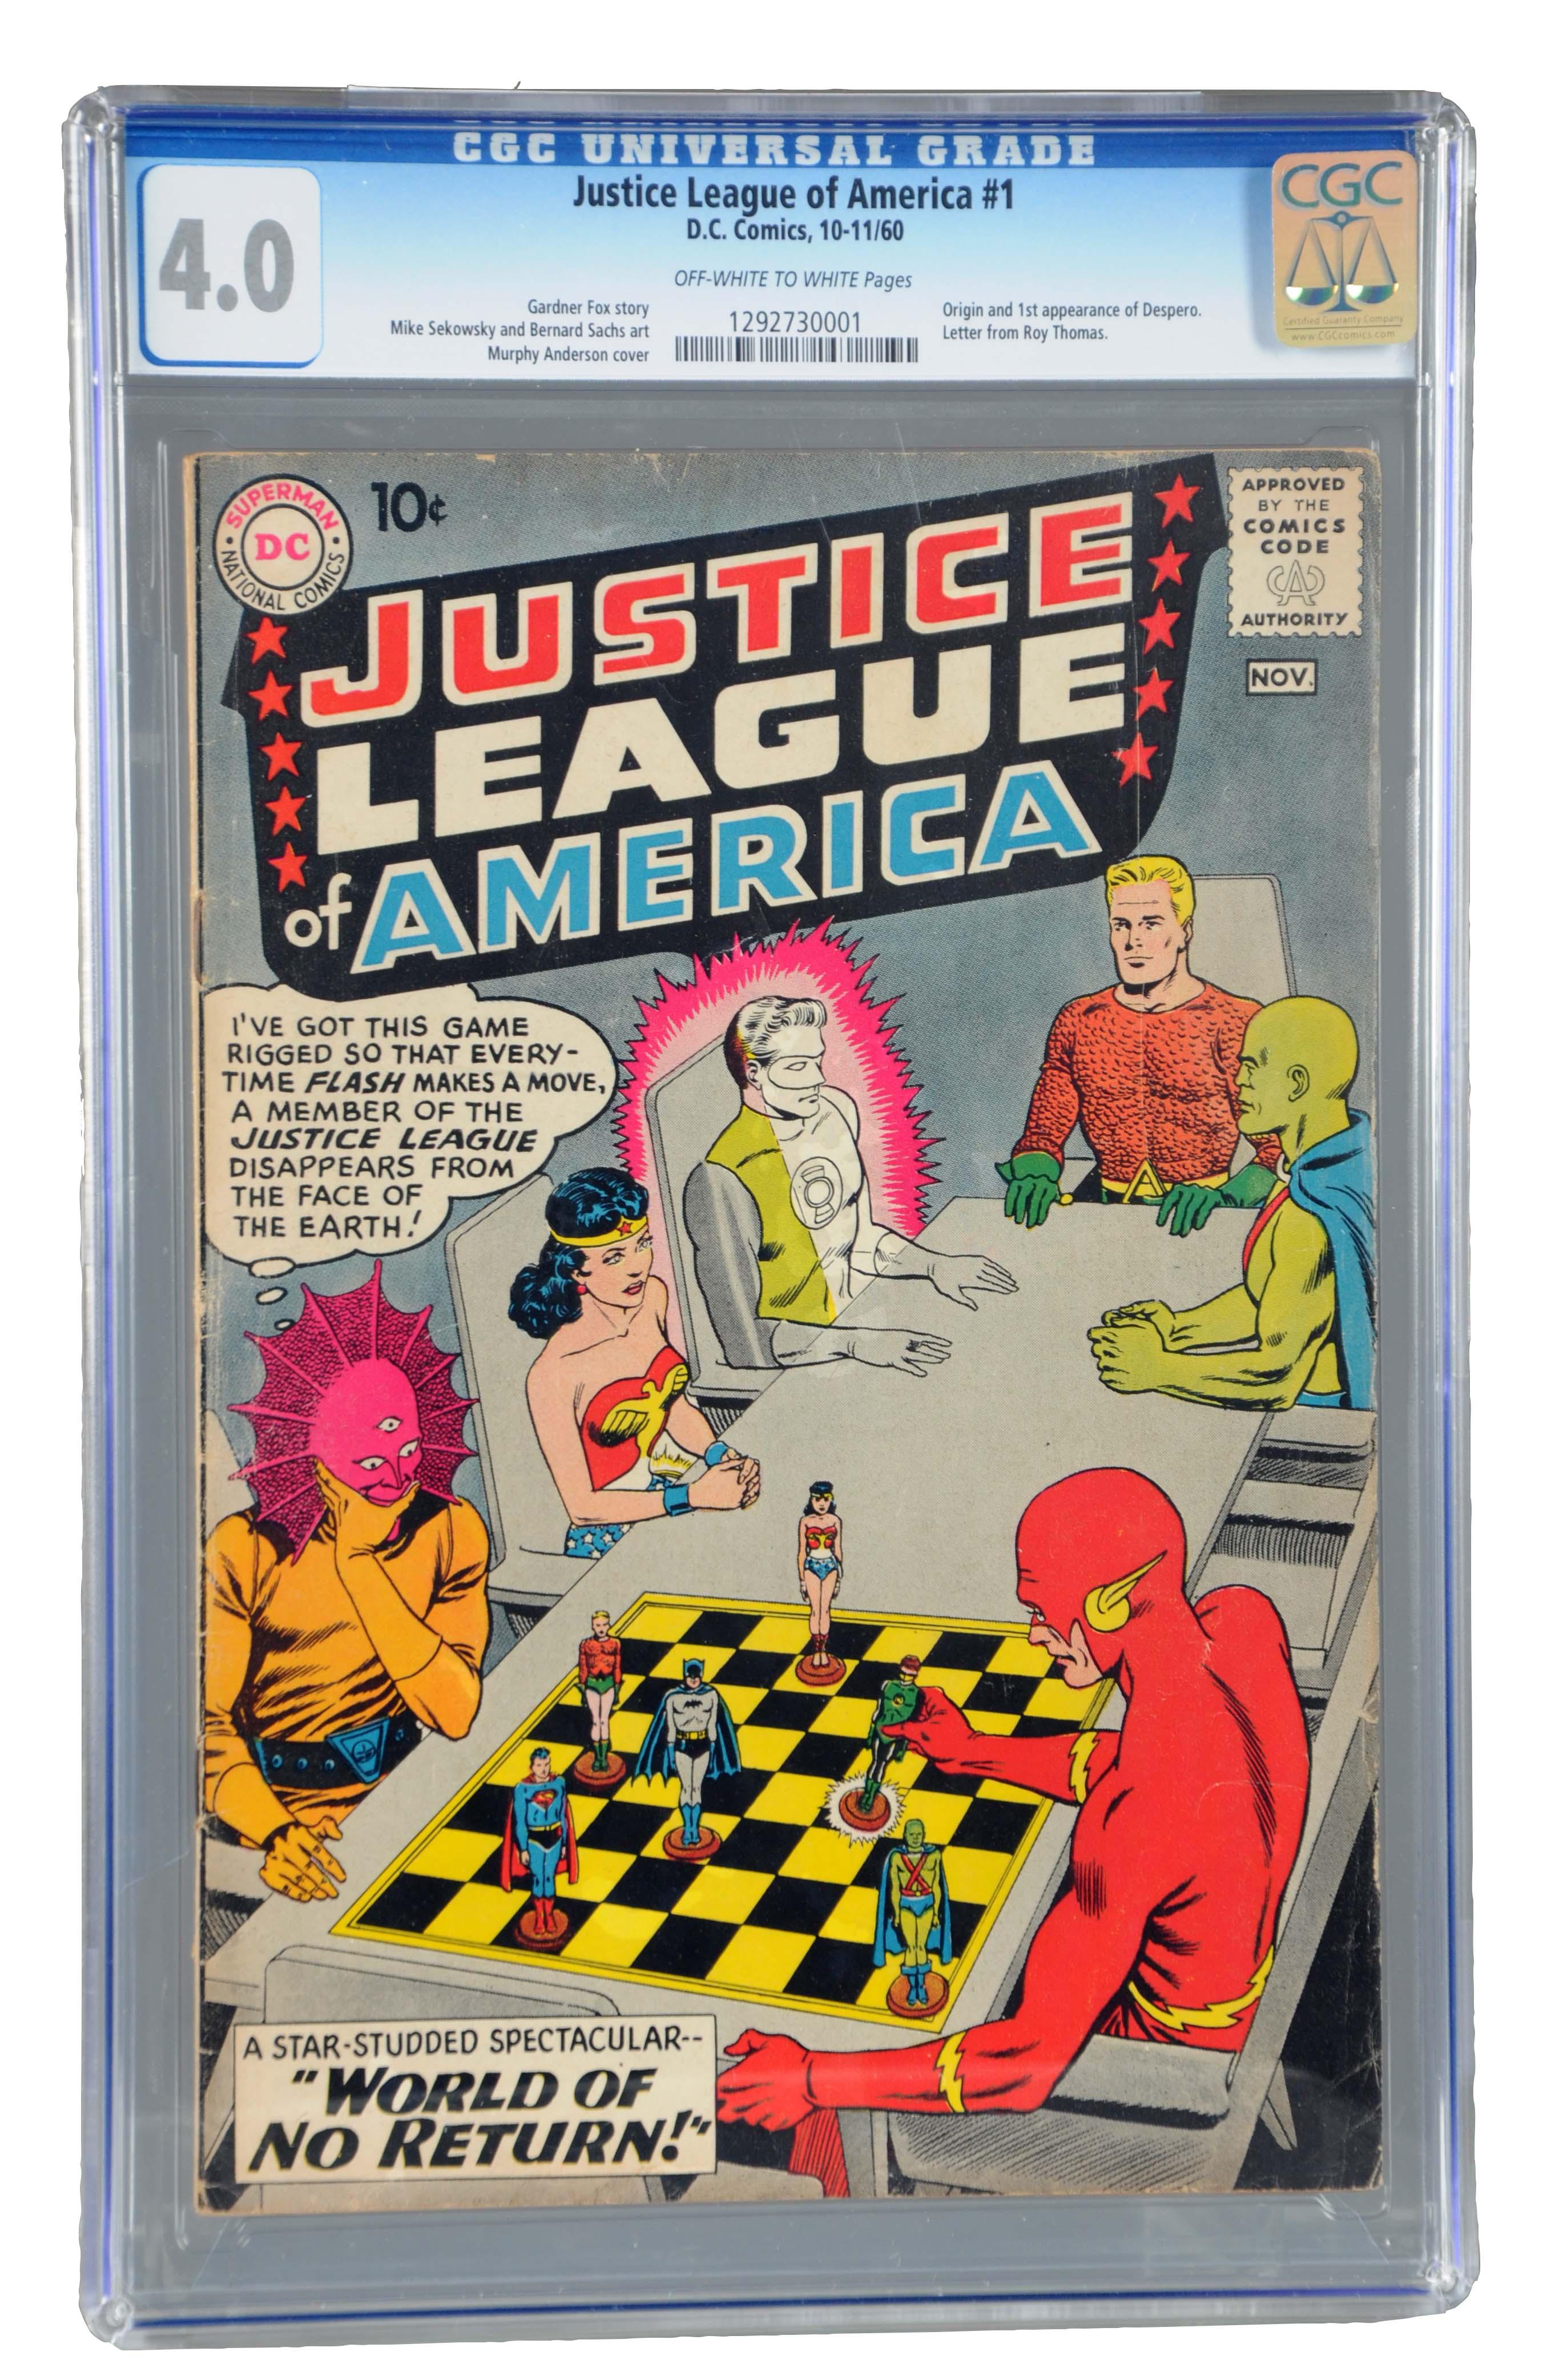 Auktion - Comic Book am 22 06 2017 - LotSearch de